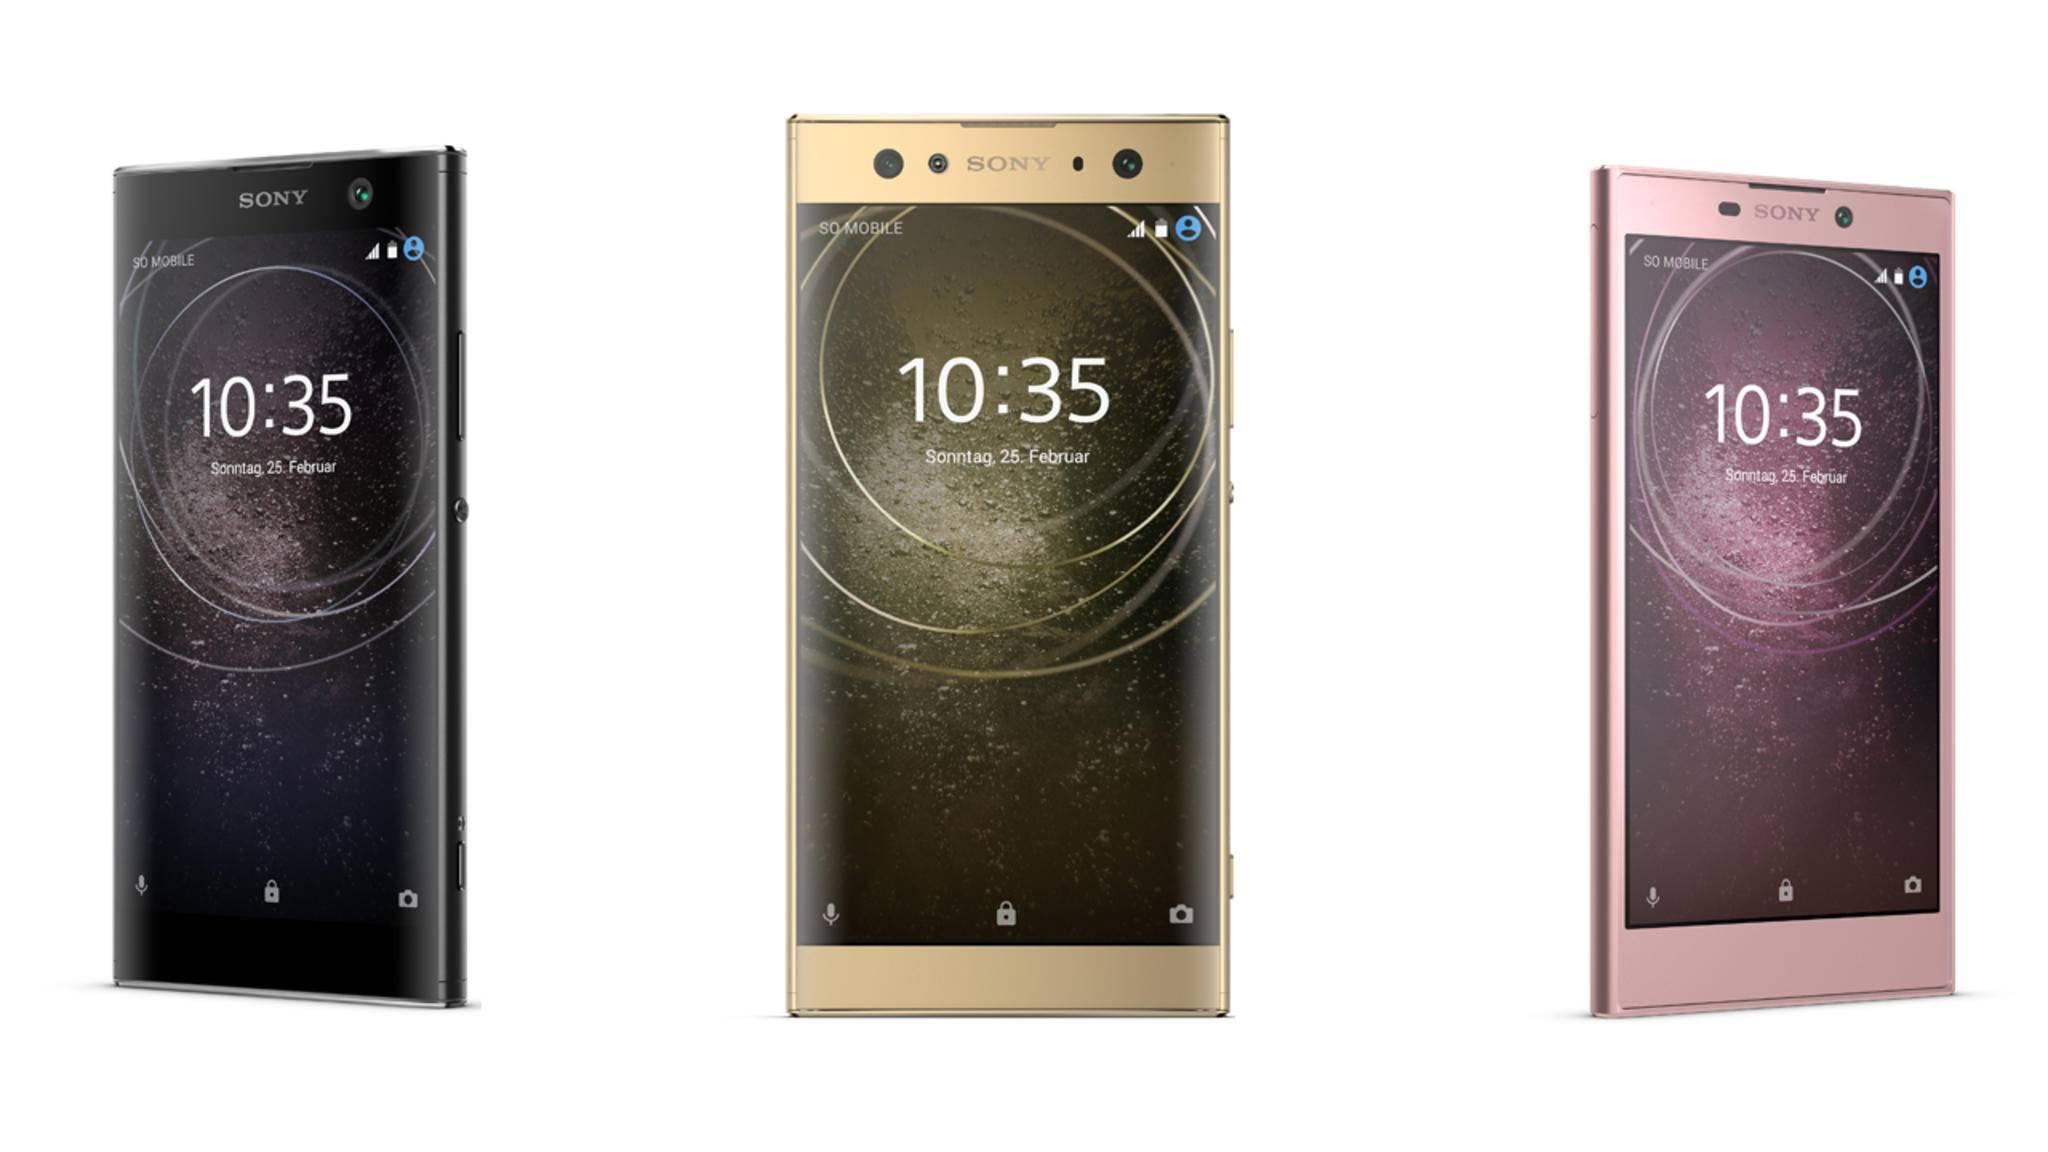 Sony hat auf der CES 2018 das Xperia XA2 (links), das Xperia XA2 Ultra (Mitte) und das Xperia L2 (rechts) vorgestellt.